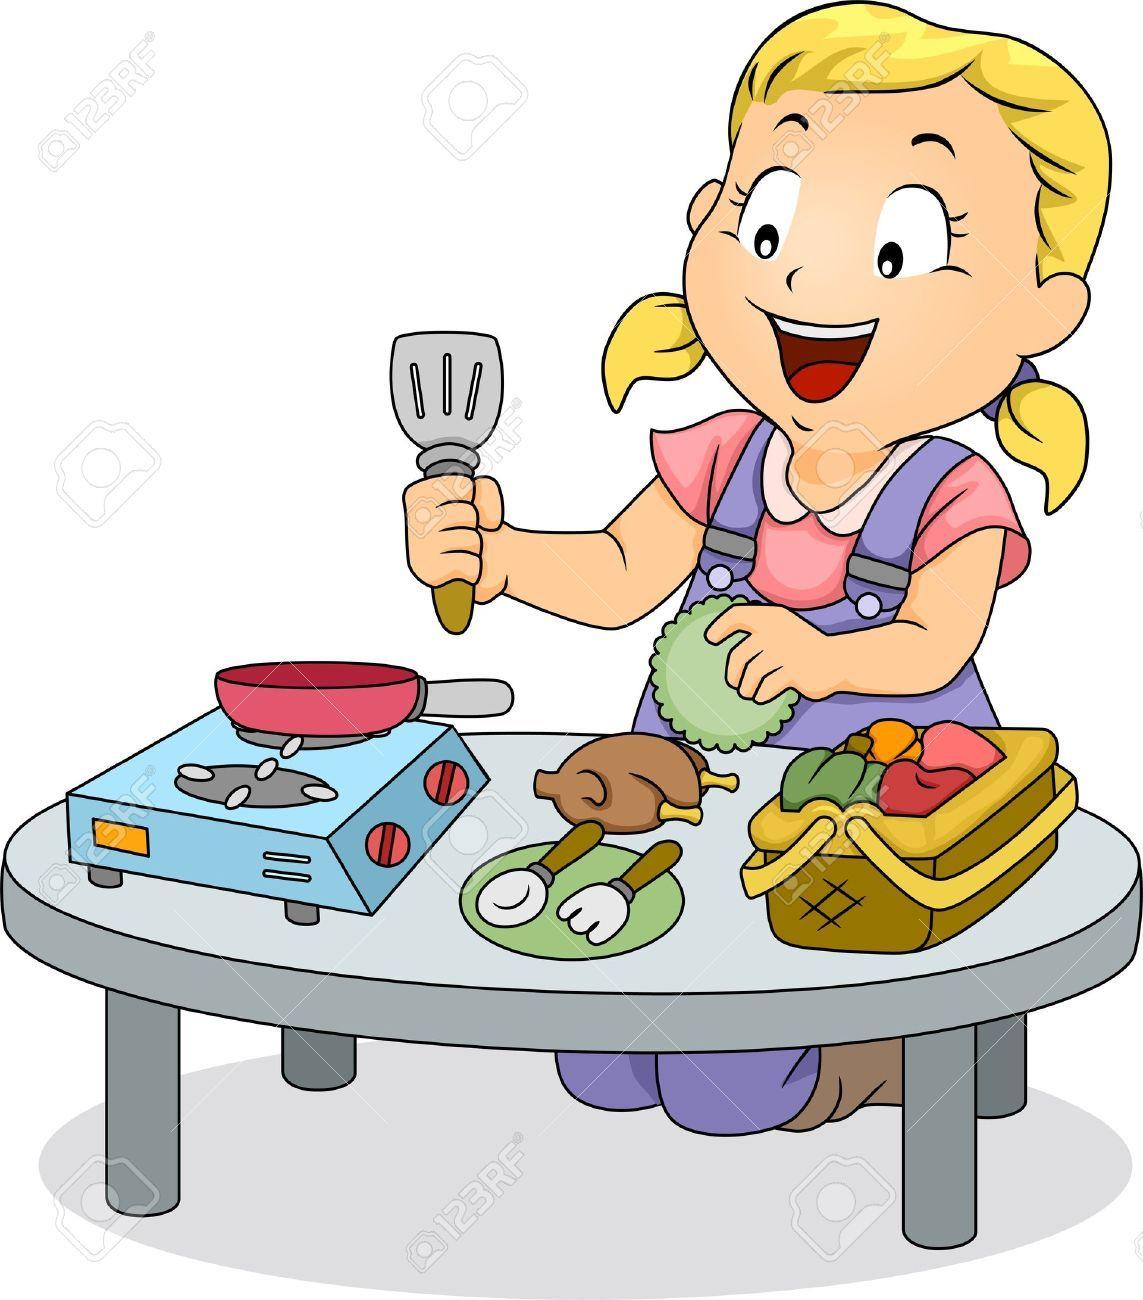 Dibujos de ni os cocineros buscar con google cocinar - Nina cocinando ...